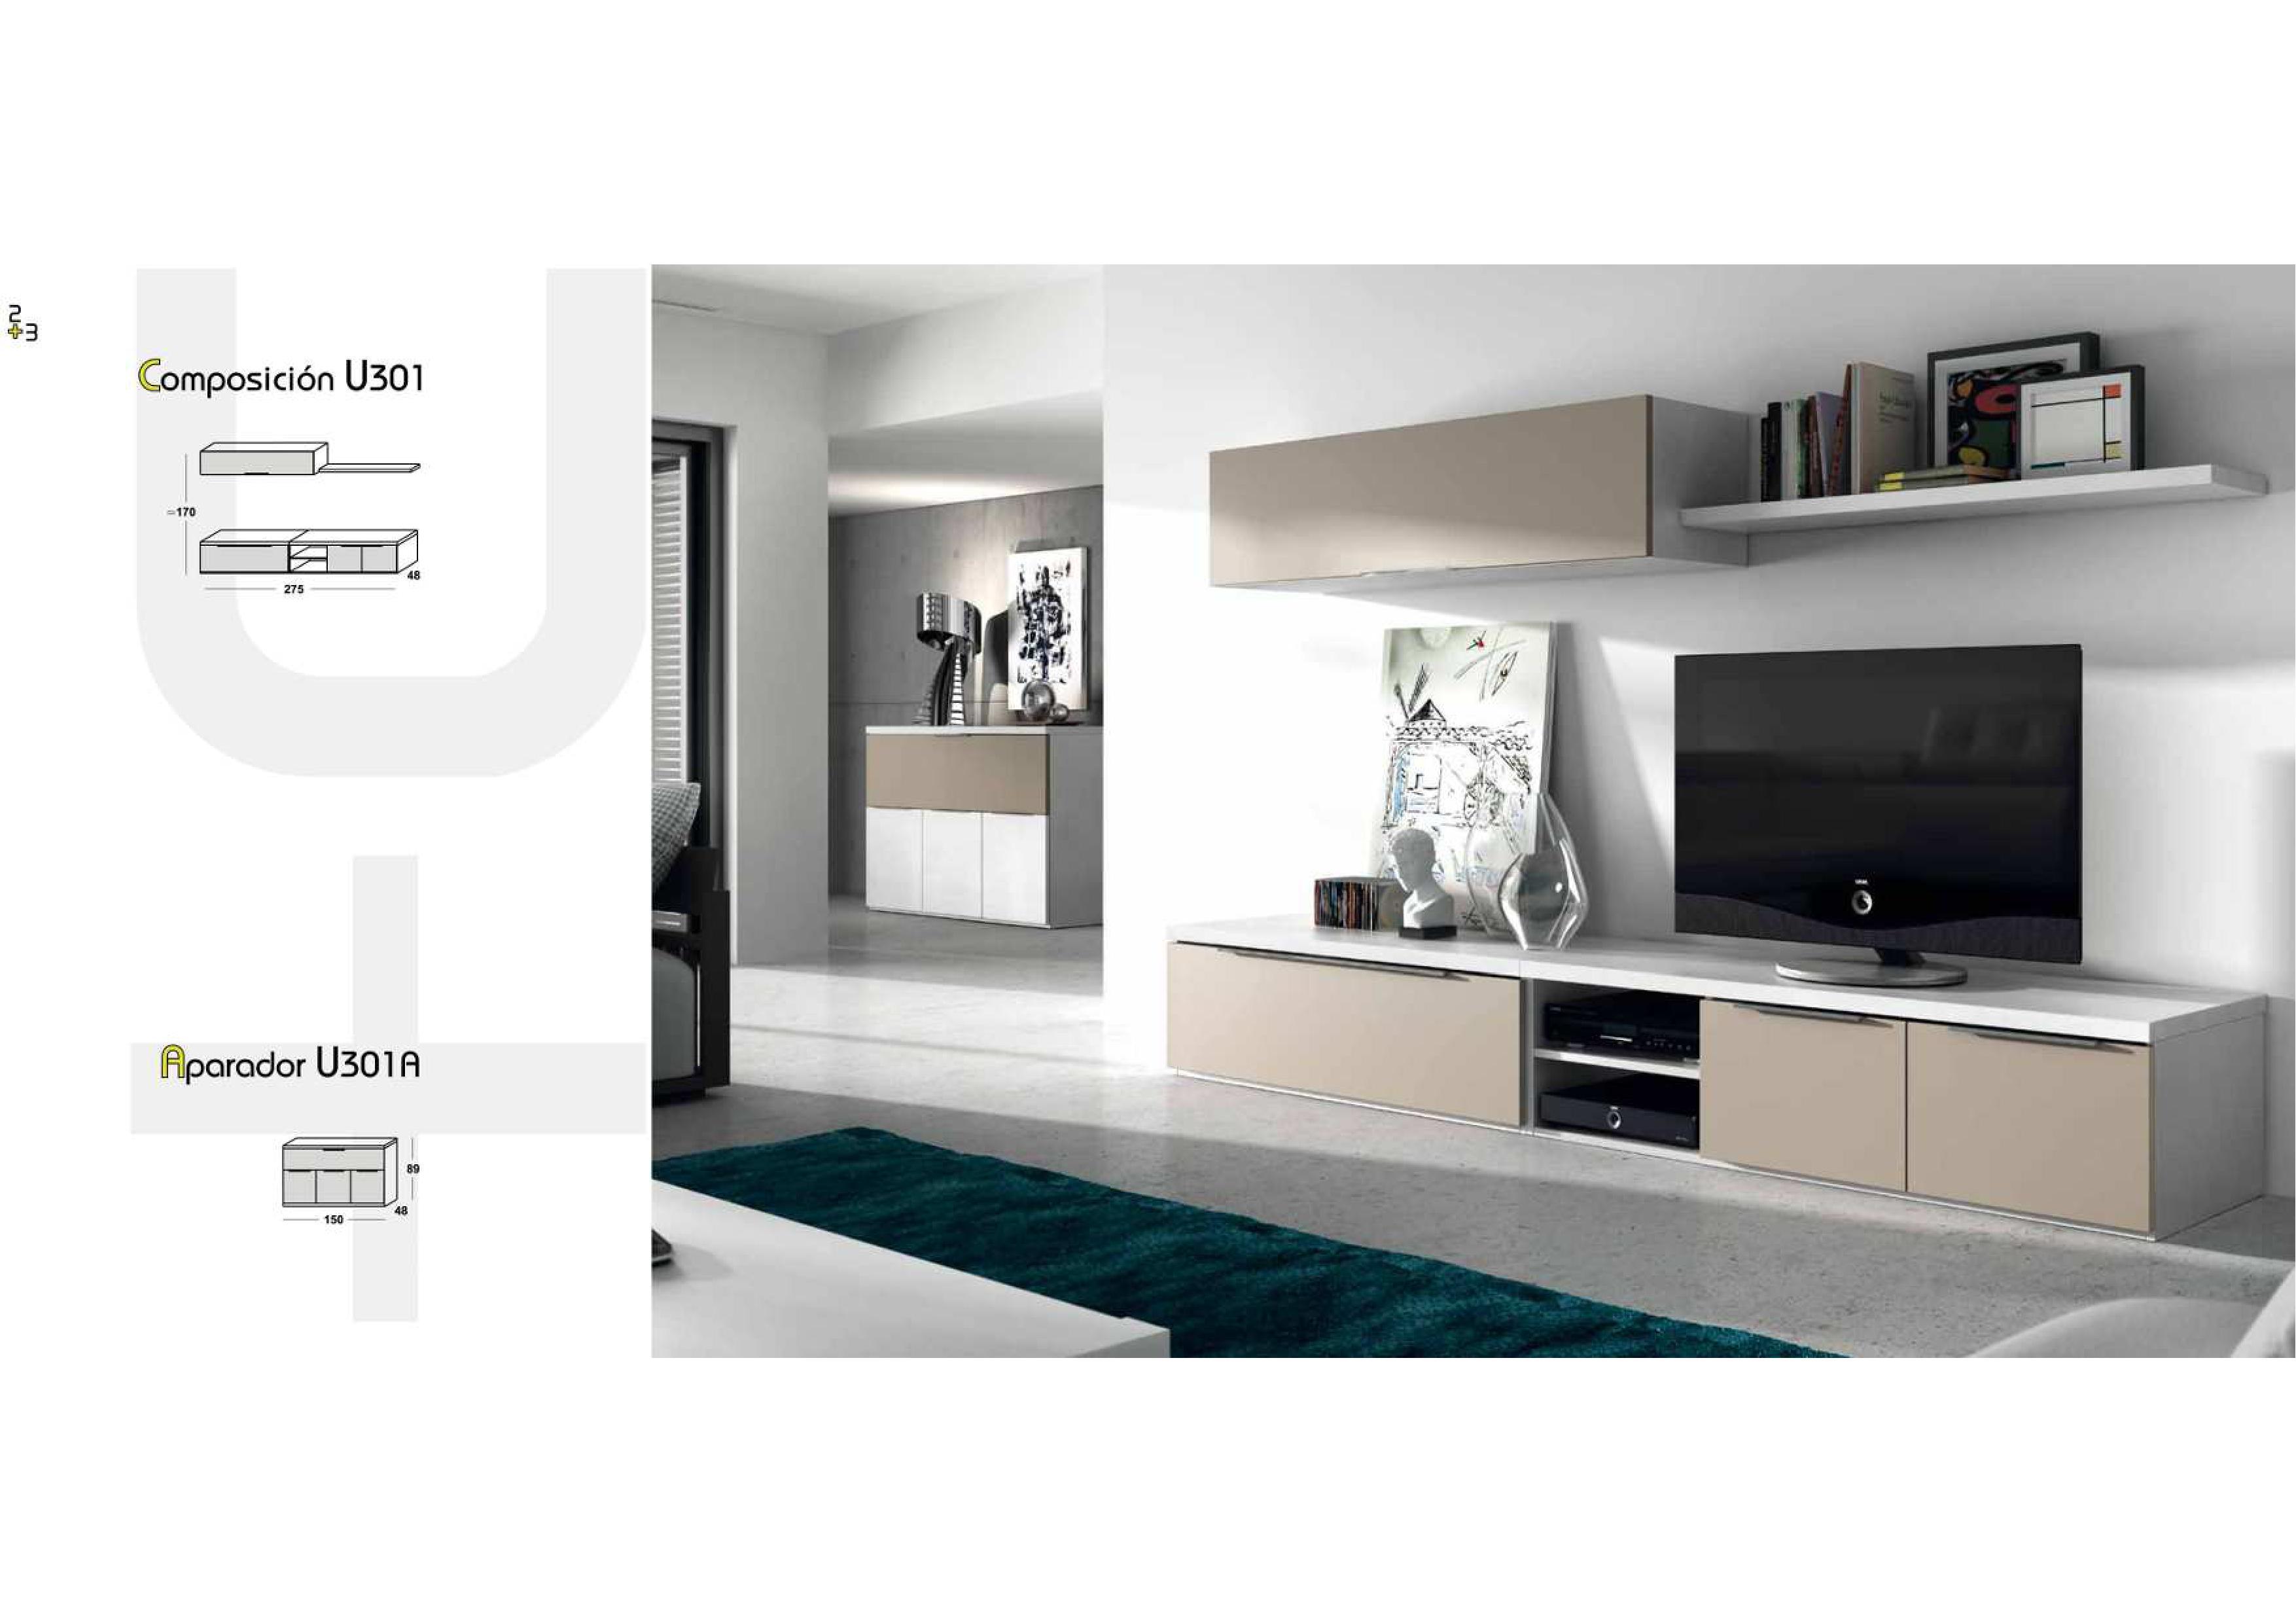 Salones y comedores modernos salcedo muebles for Salones completos modernos precios